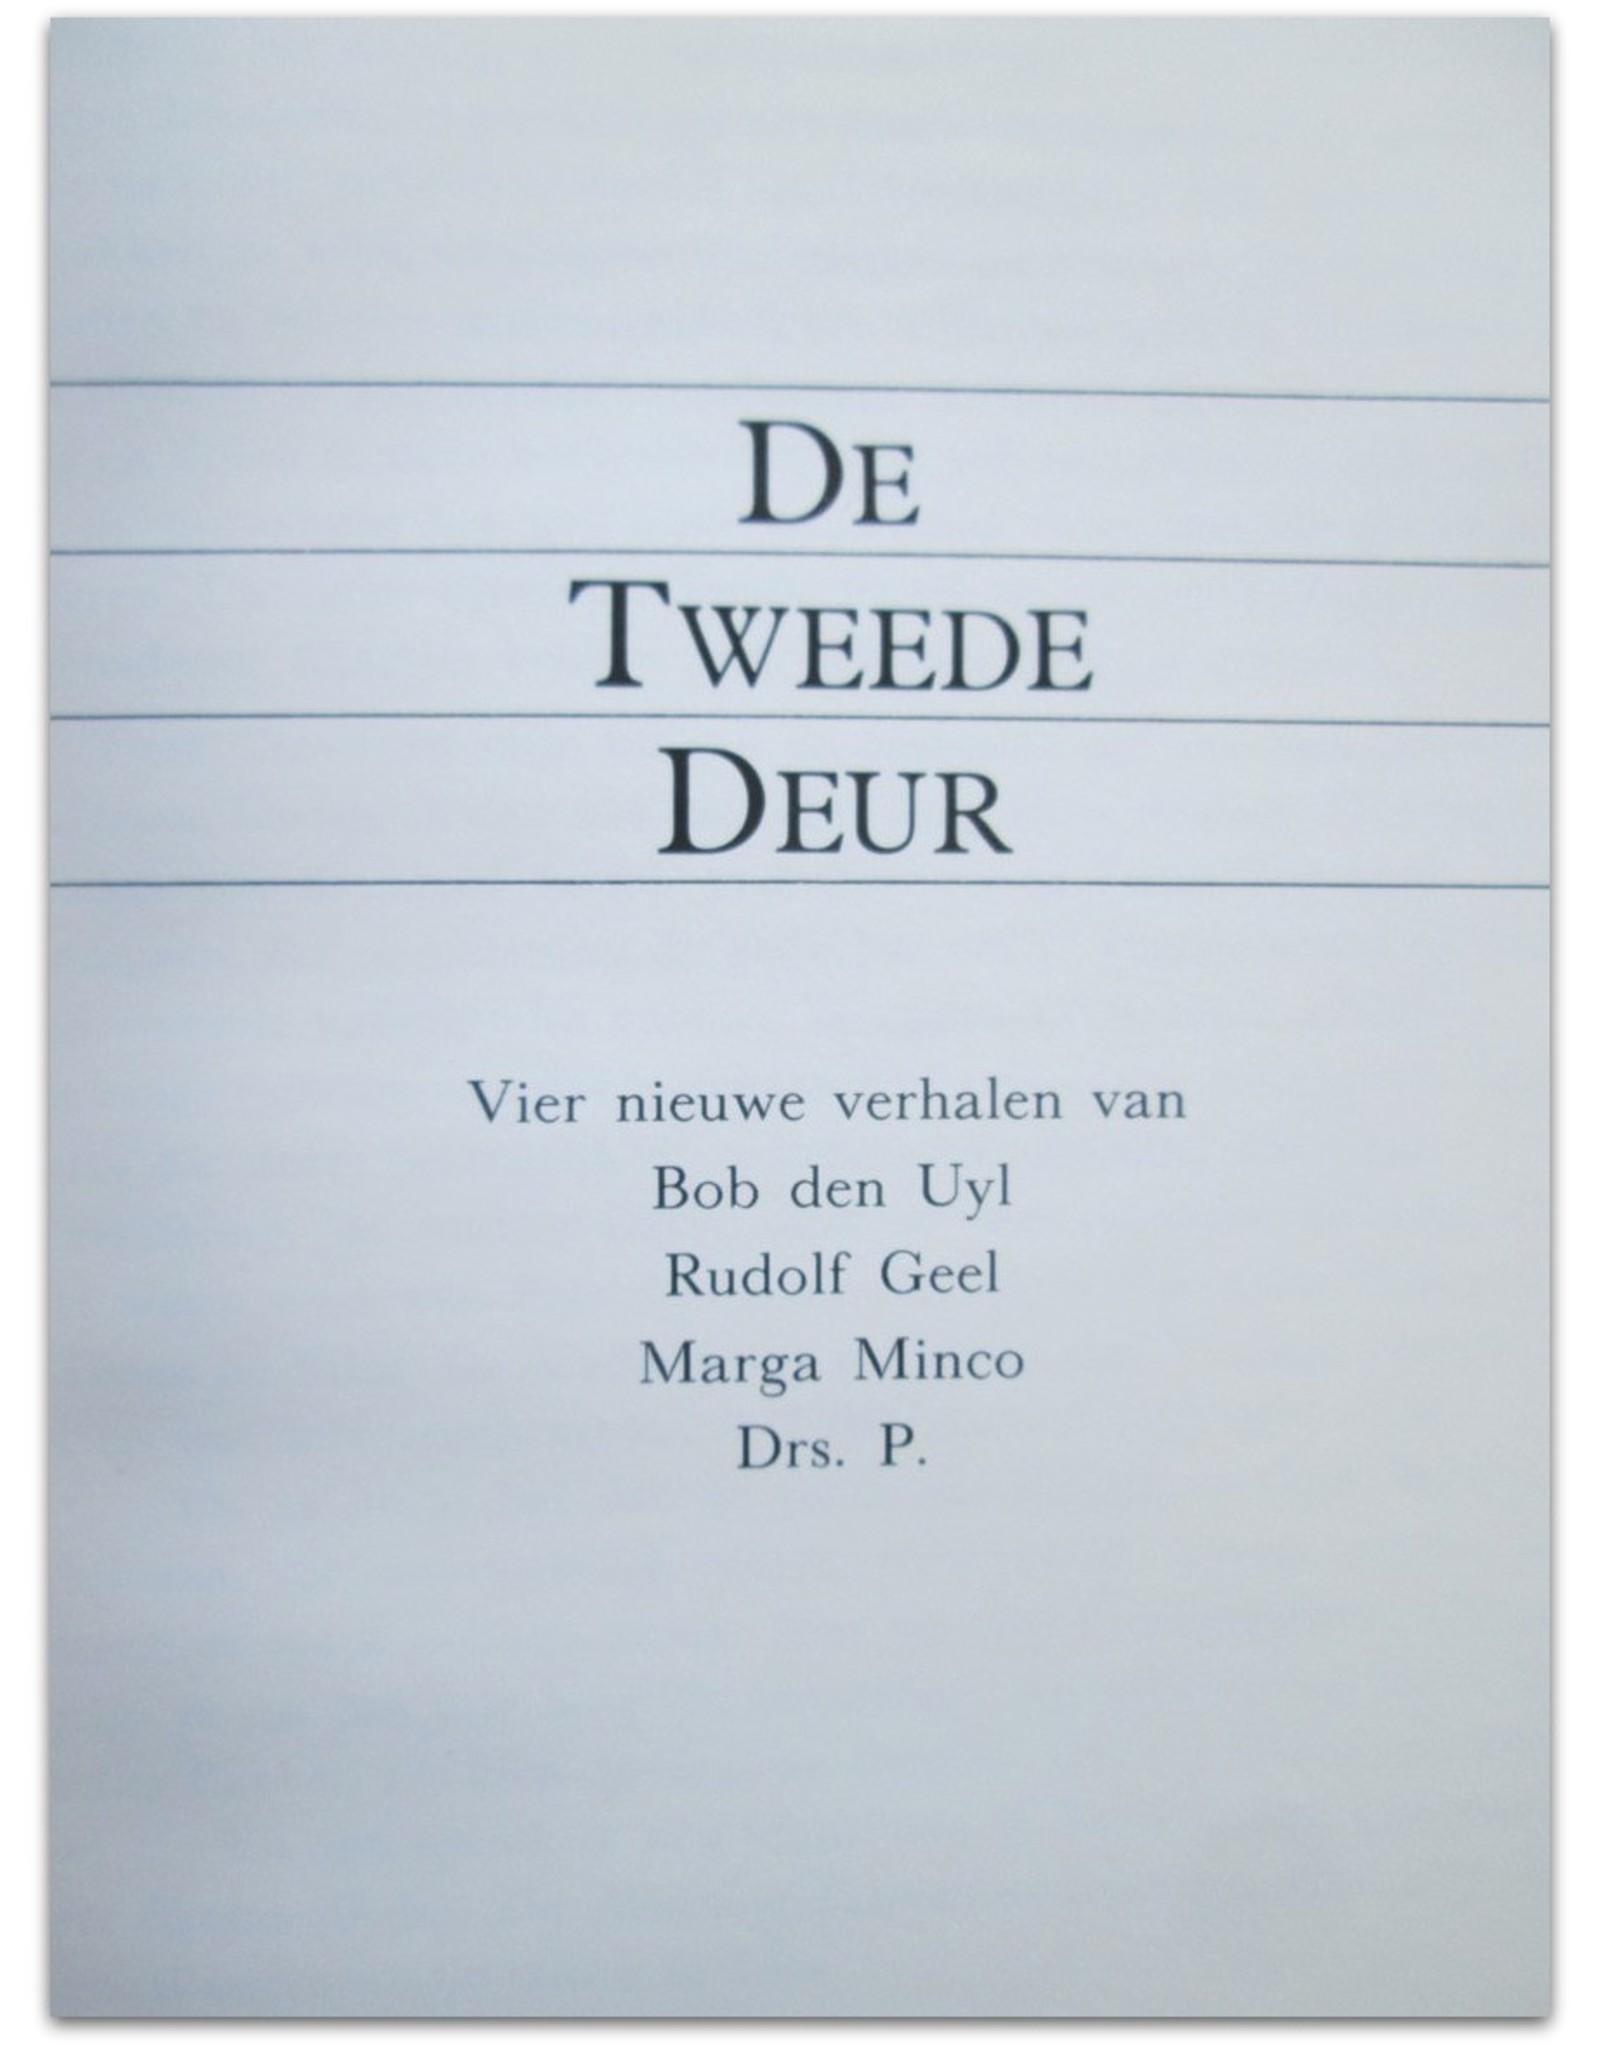 Marga Minco - De Tweede Deur. Vier nieuwe verhalen van Bob den Uyl, Rudolf Geel  [en] Drs. P.